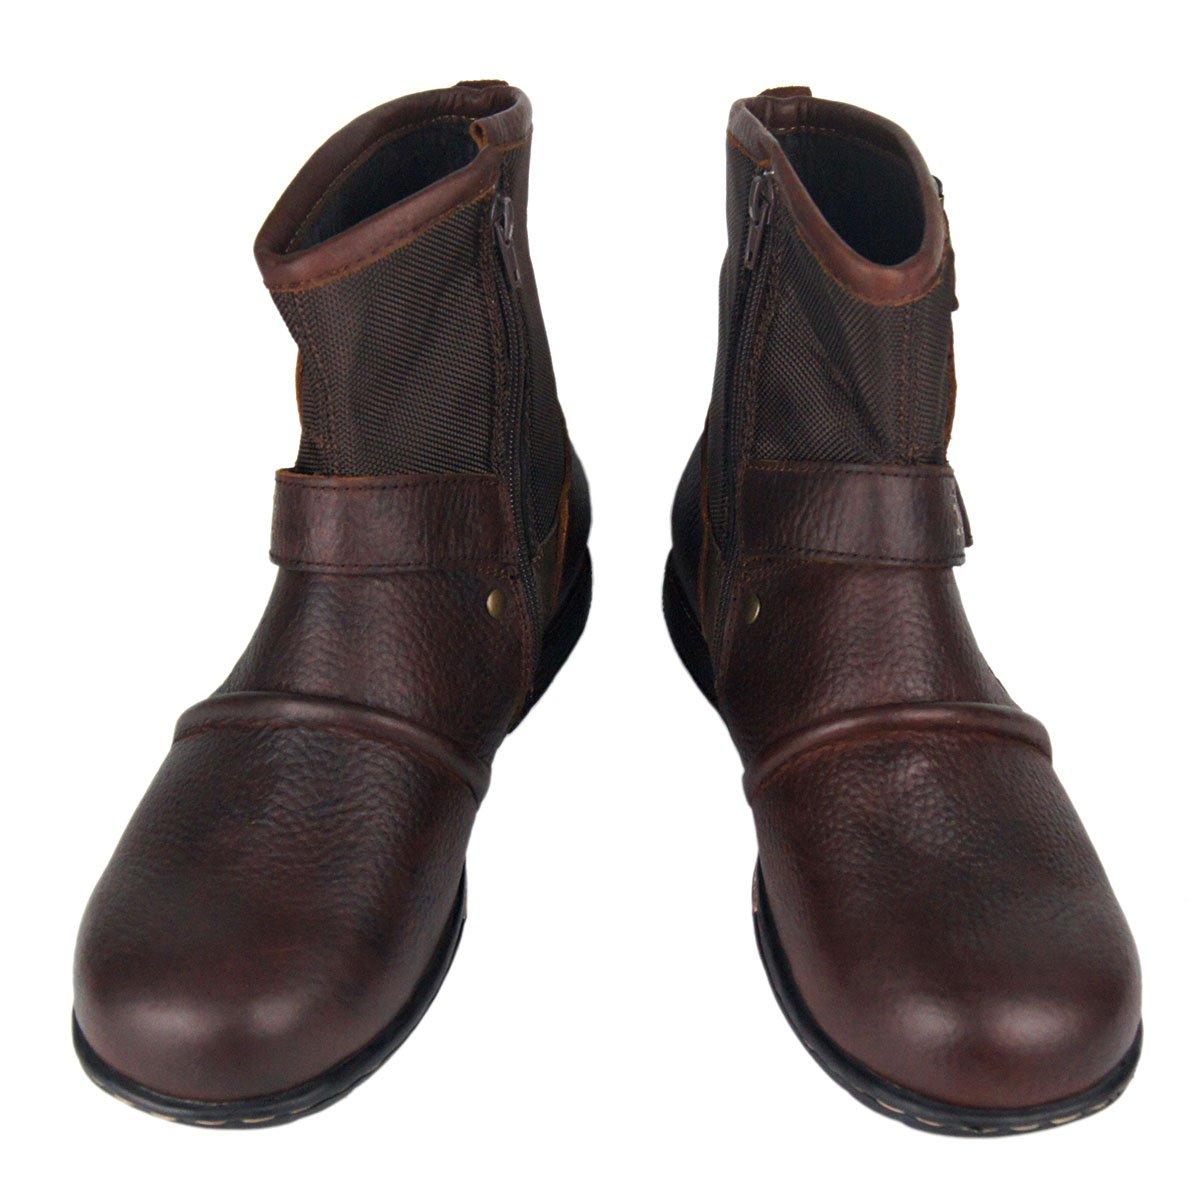 Zapatos house Botas Botas Botas de Moto de Cuero de los Hombres de Encaje en la Cremallera del Tobillo Llano Botas Militares tácticas de Combate de Trabajo a pie,A,US10=EU44 d9afe3